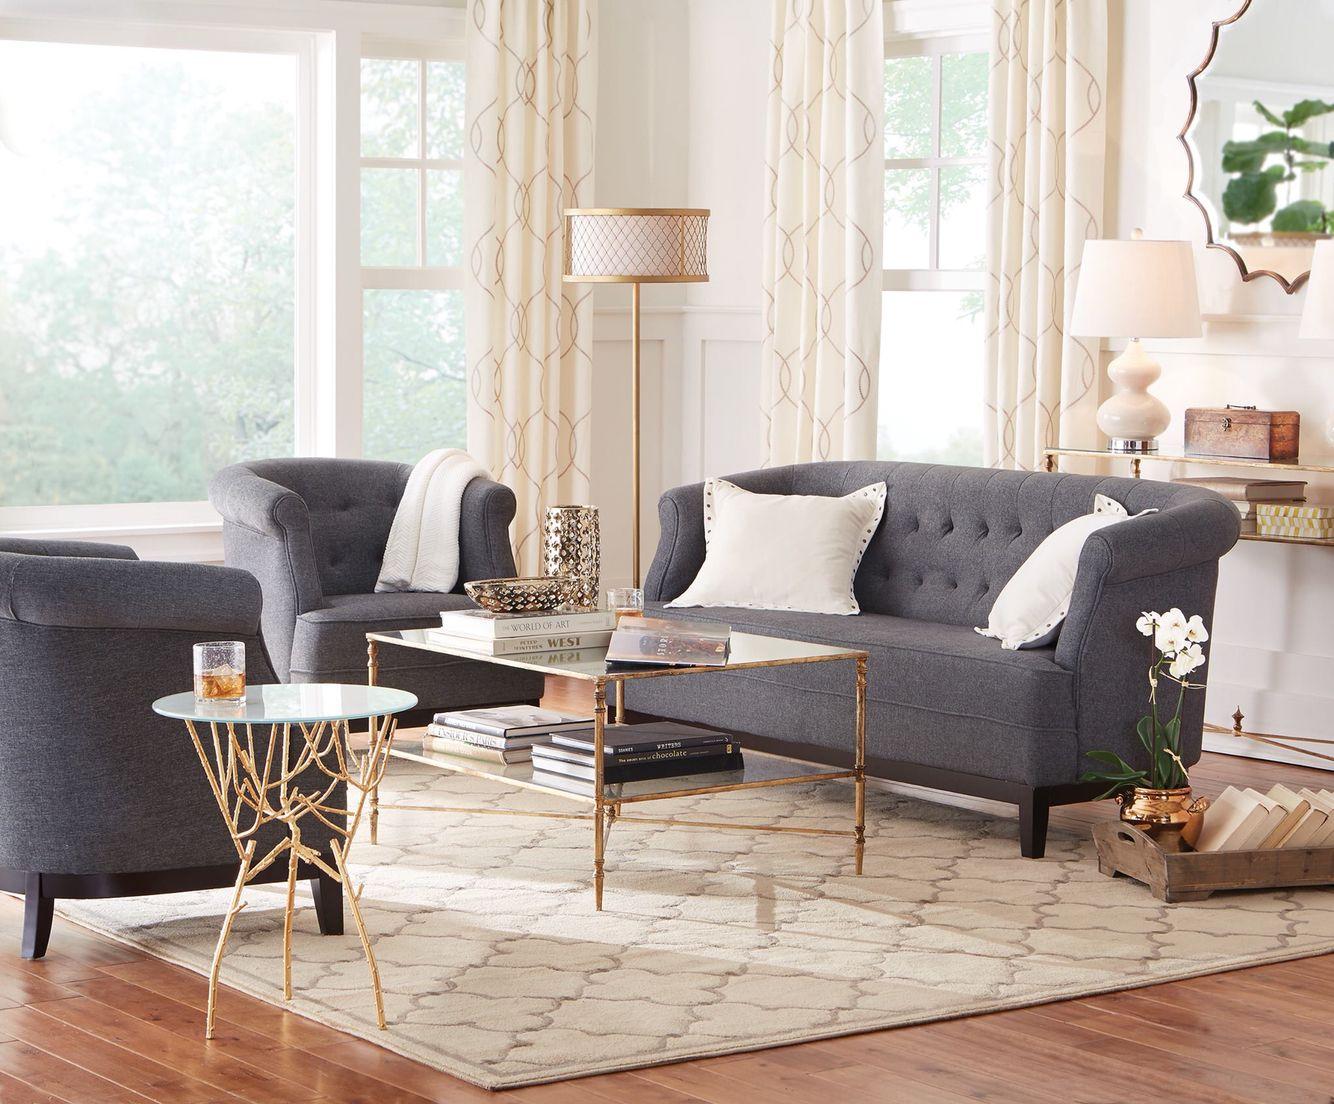 Living Room Ideas To Match Grey Sofa  wwwresnoozecom